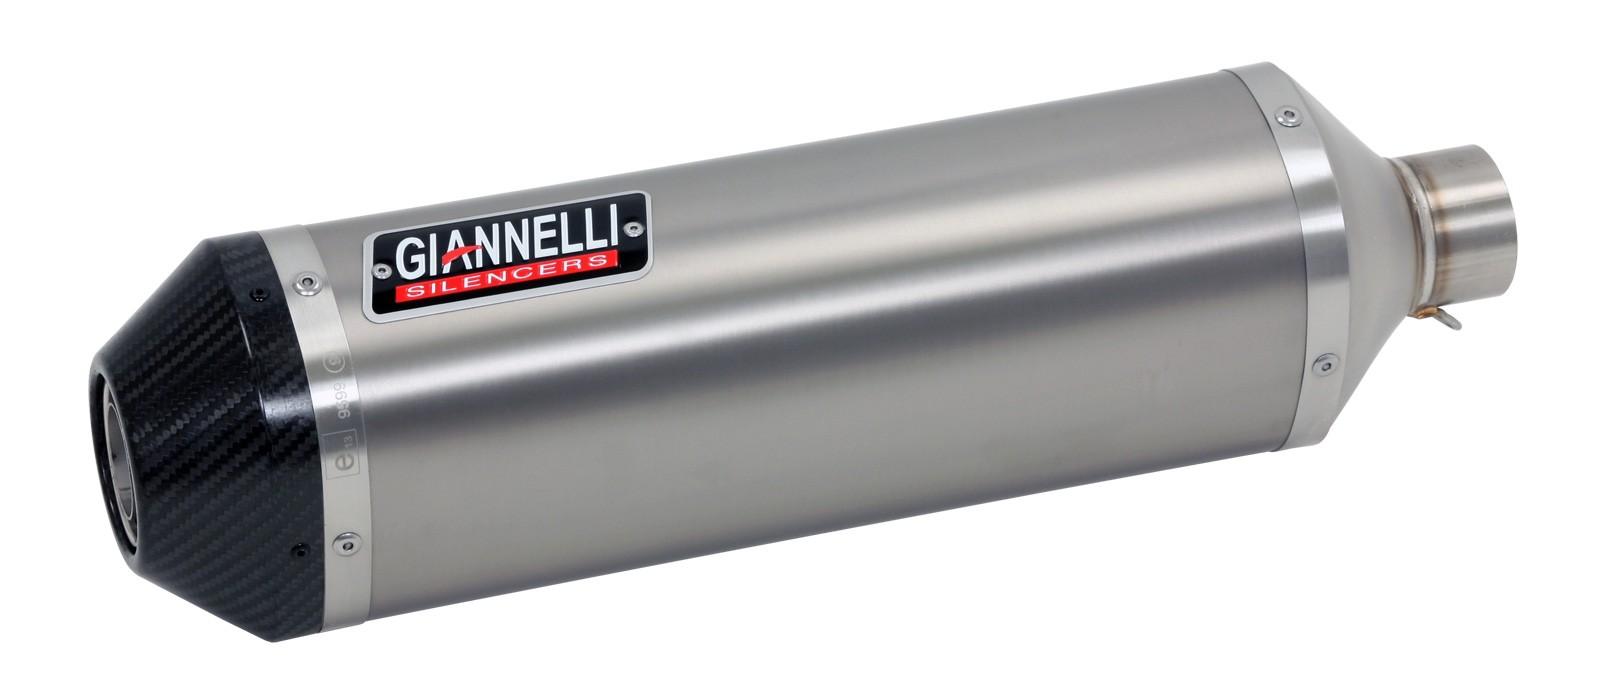 ESCAPES GIANNELLI APRILIA - Bolt-on IPERSPORT aluminio (versión Black Line) Gilera GP 800 Giannelli 73744B6 -